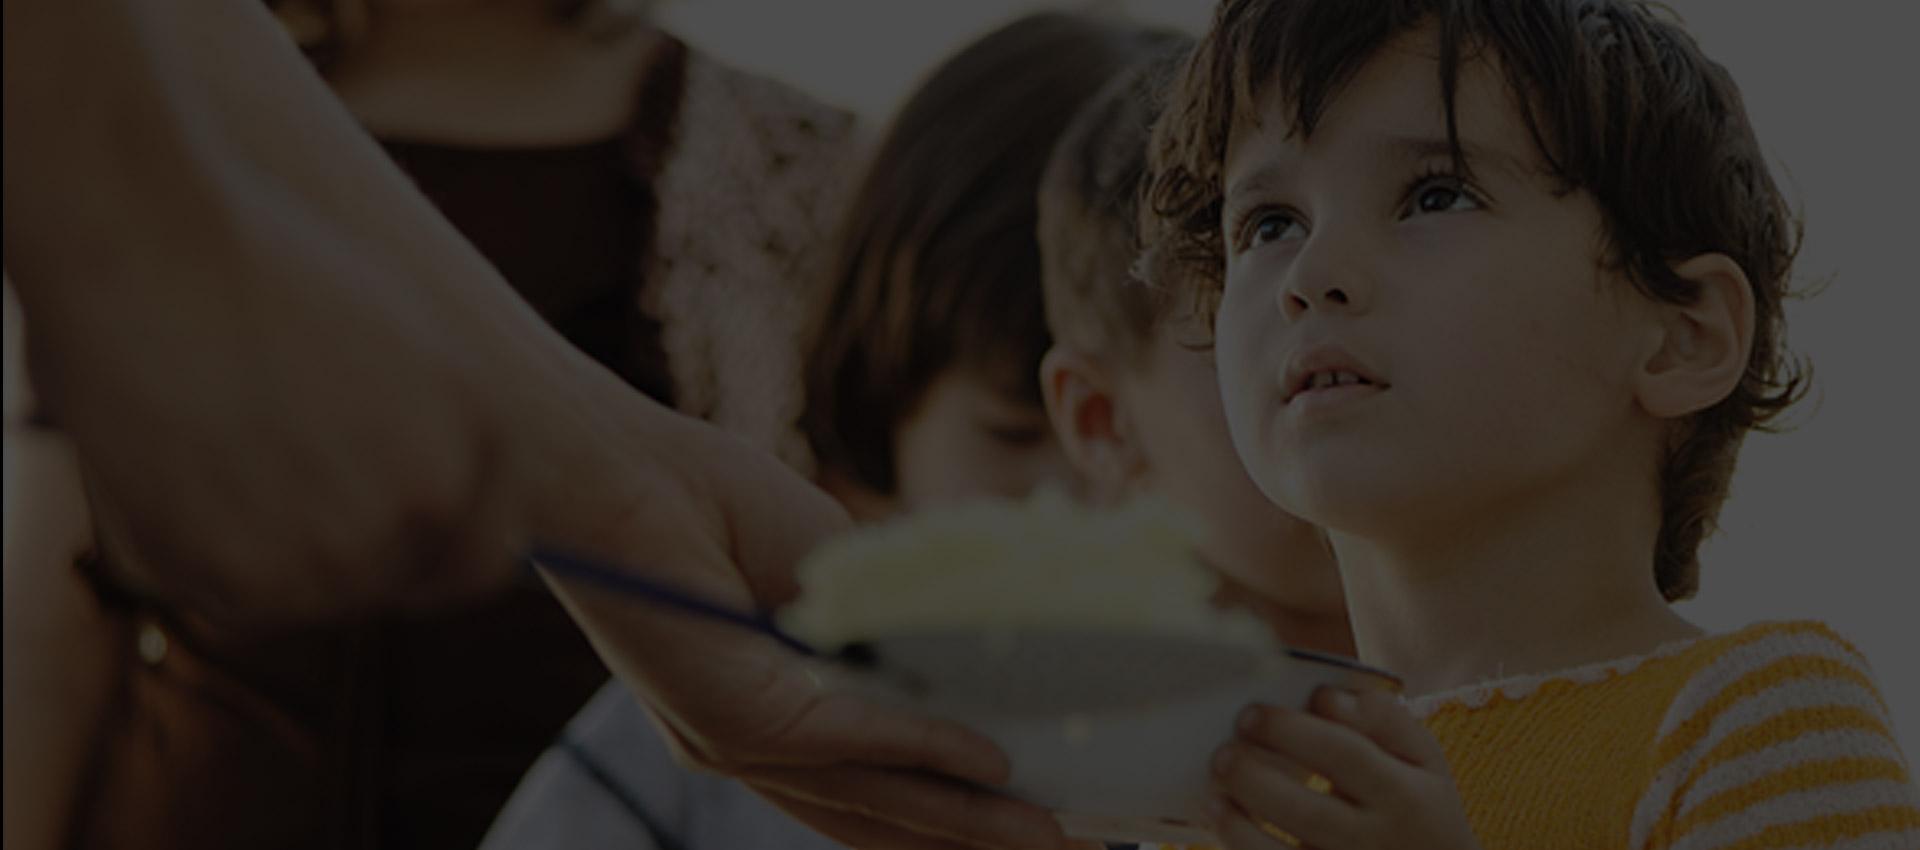 Helping Children